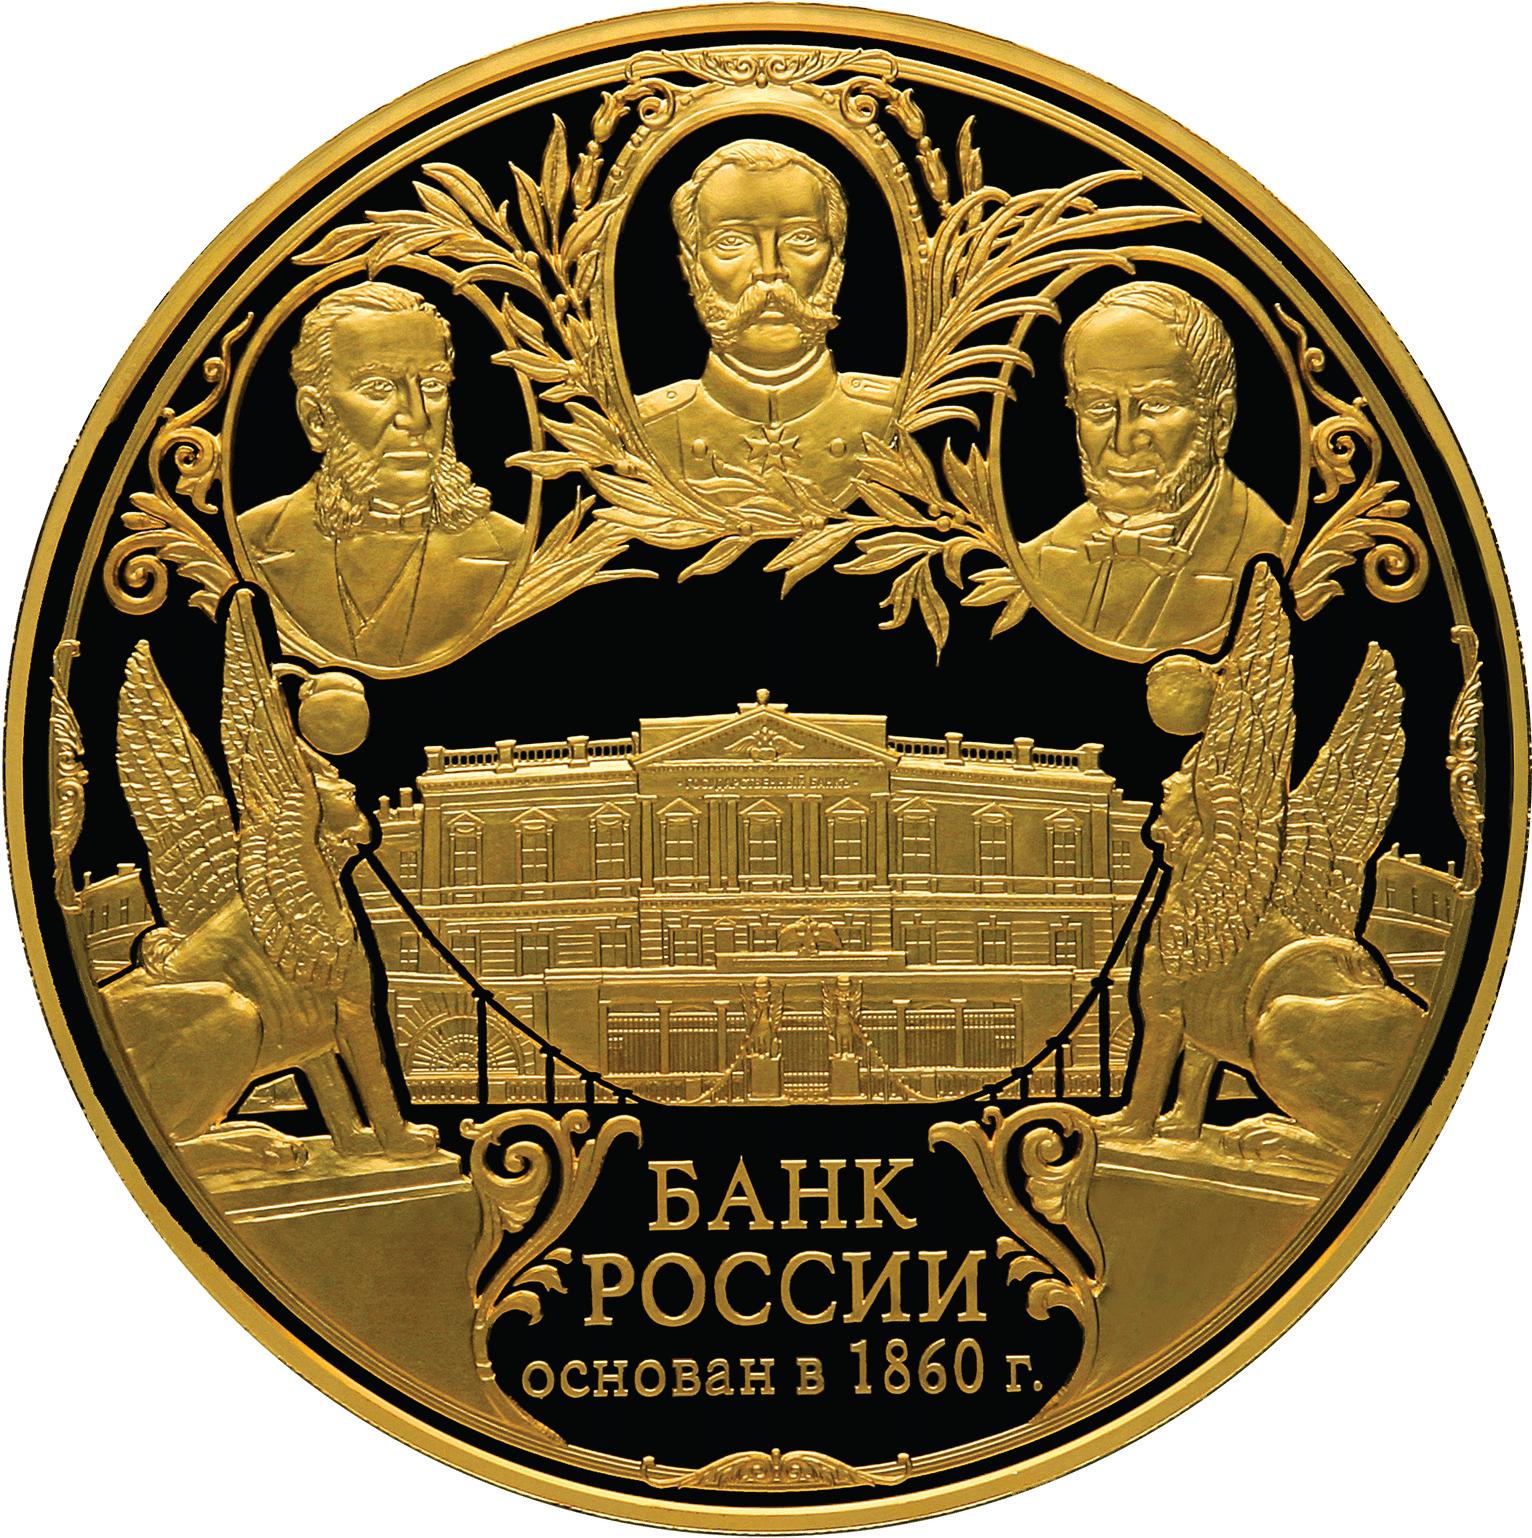 Памятная медаль банка россия штемпель на конверте